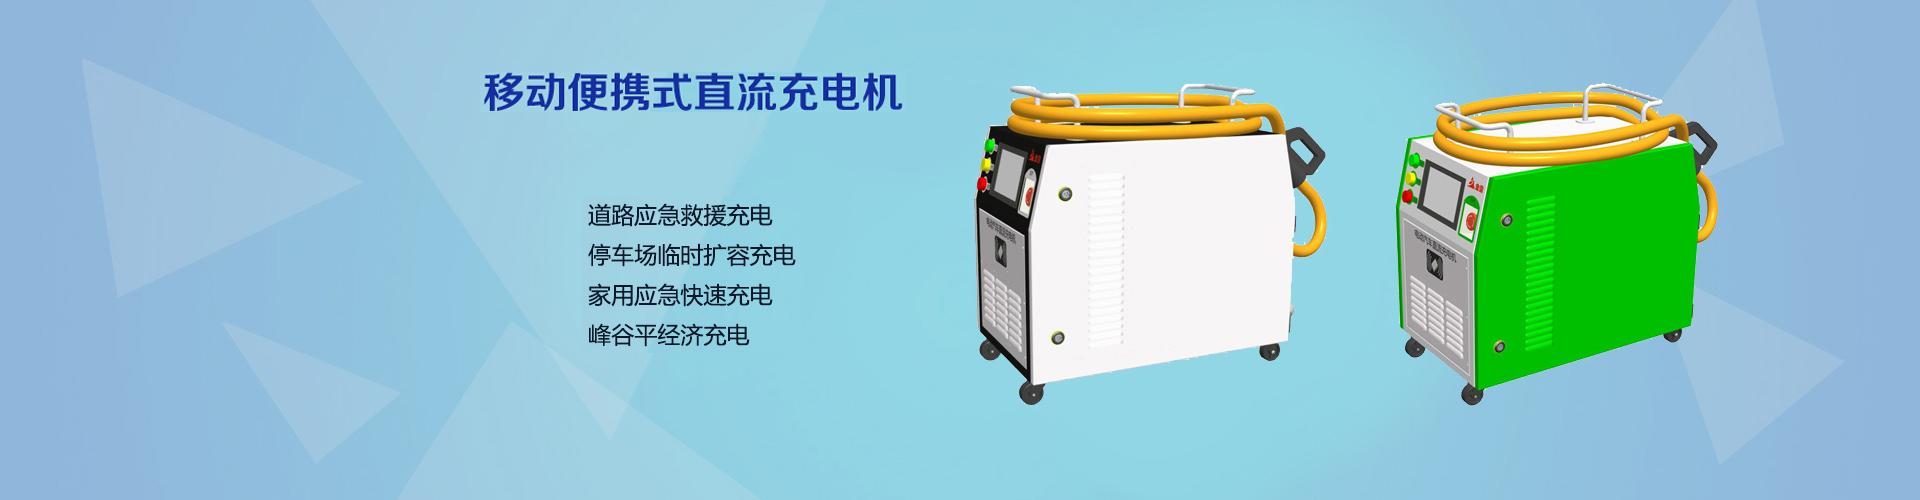 移动便携式直流充电机